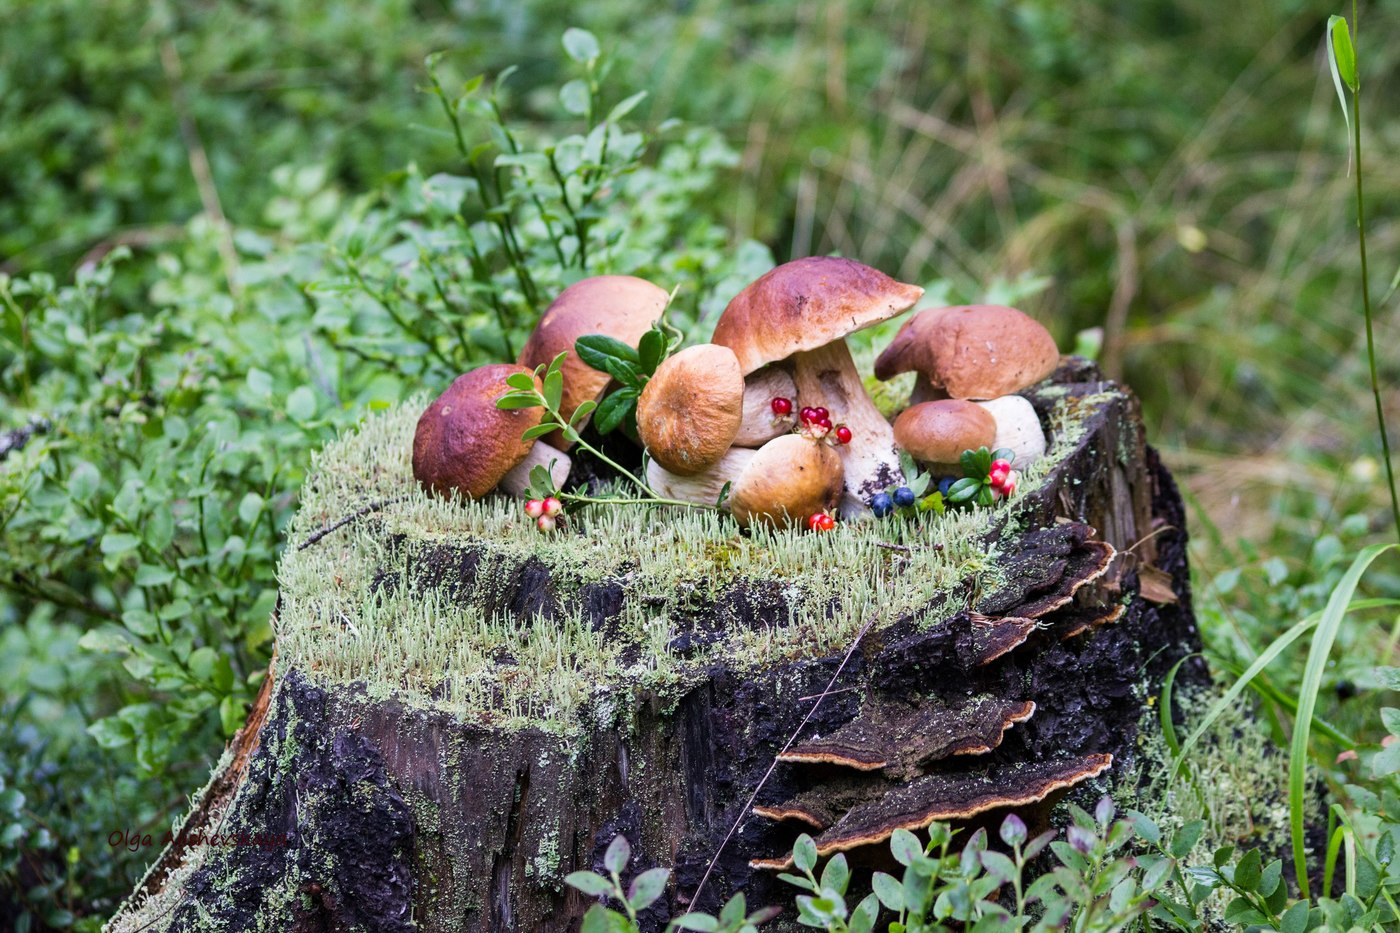 условно- и съедобные грибы, какие сейчас растут фото 1